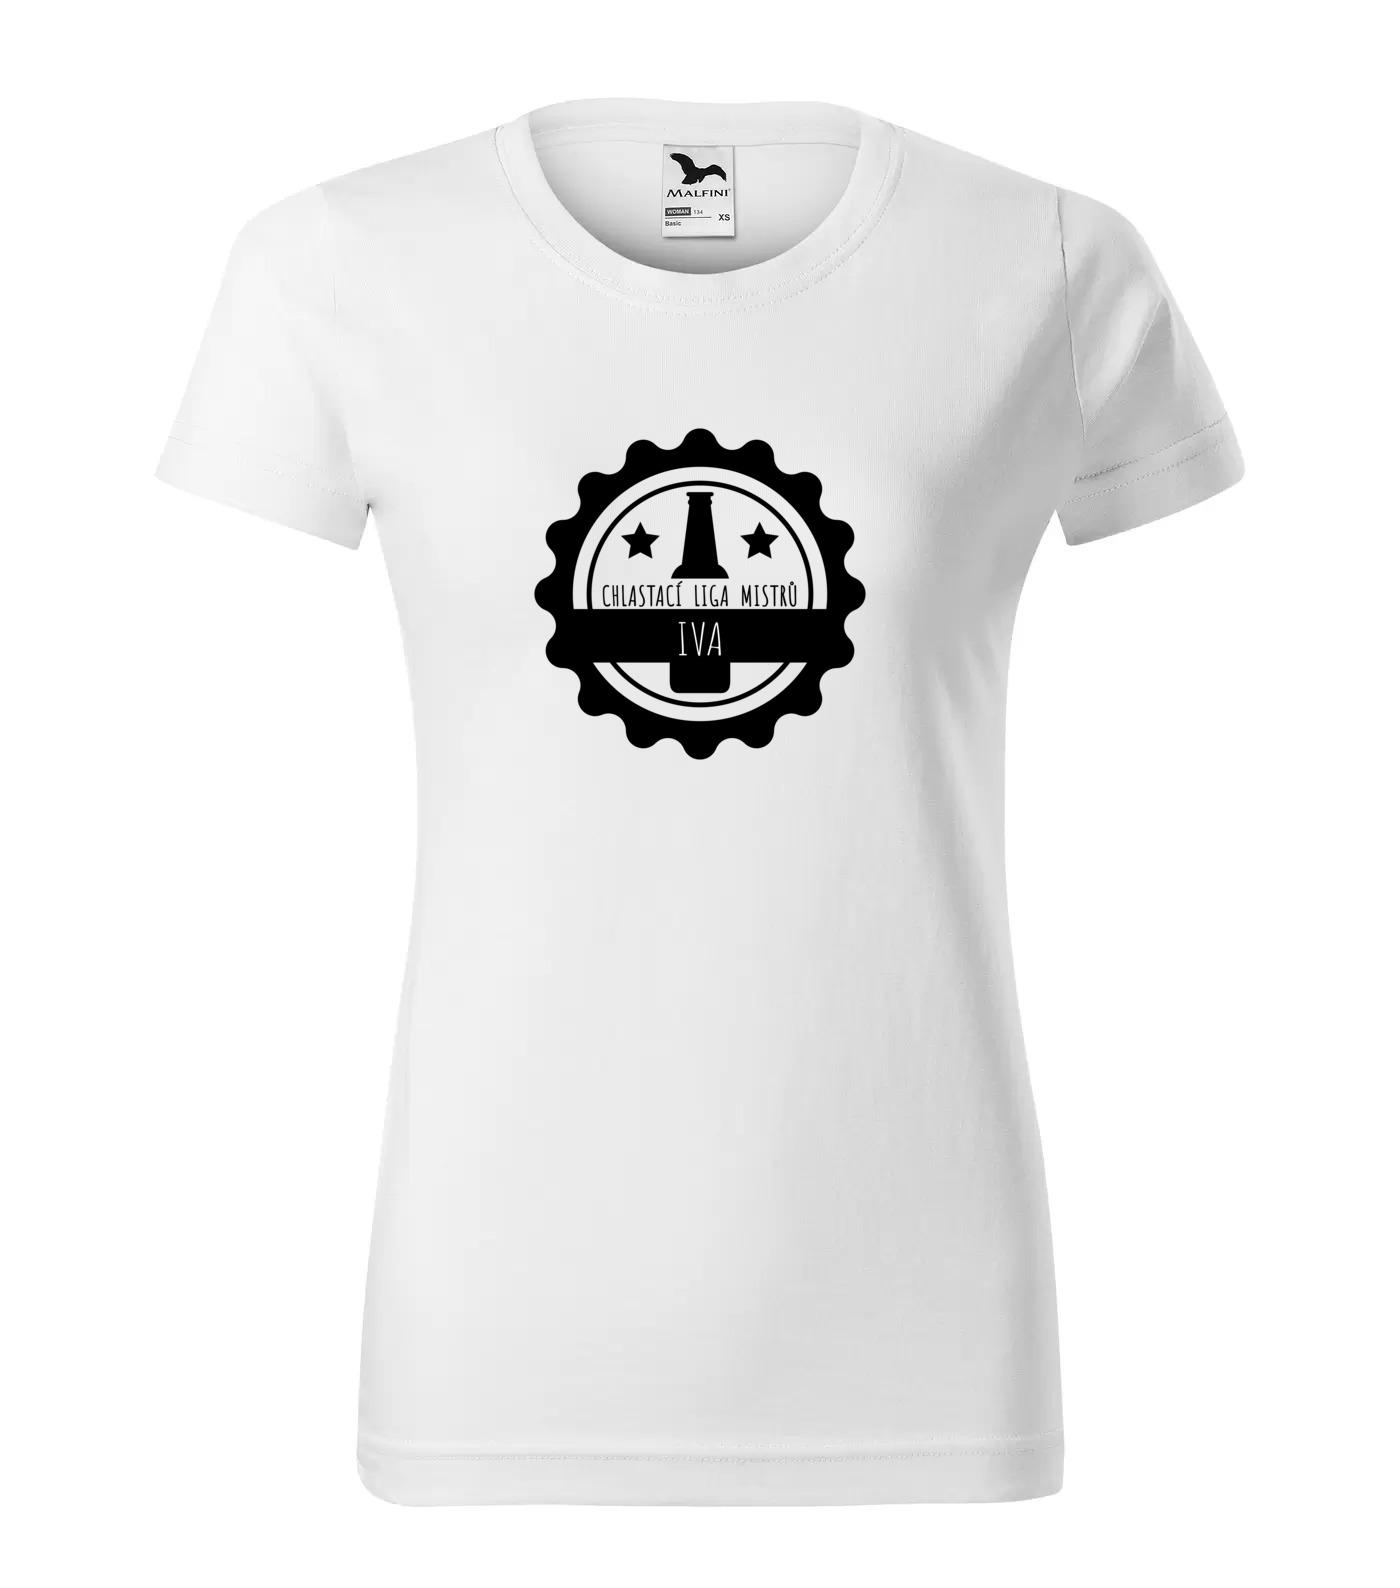 Tričko Chlastací liga žen Iva